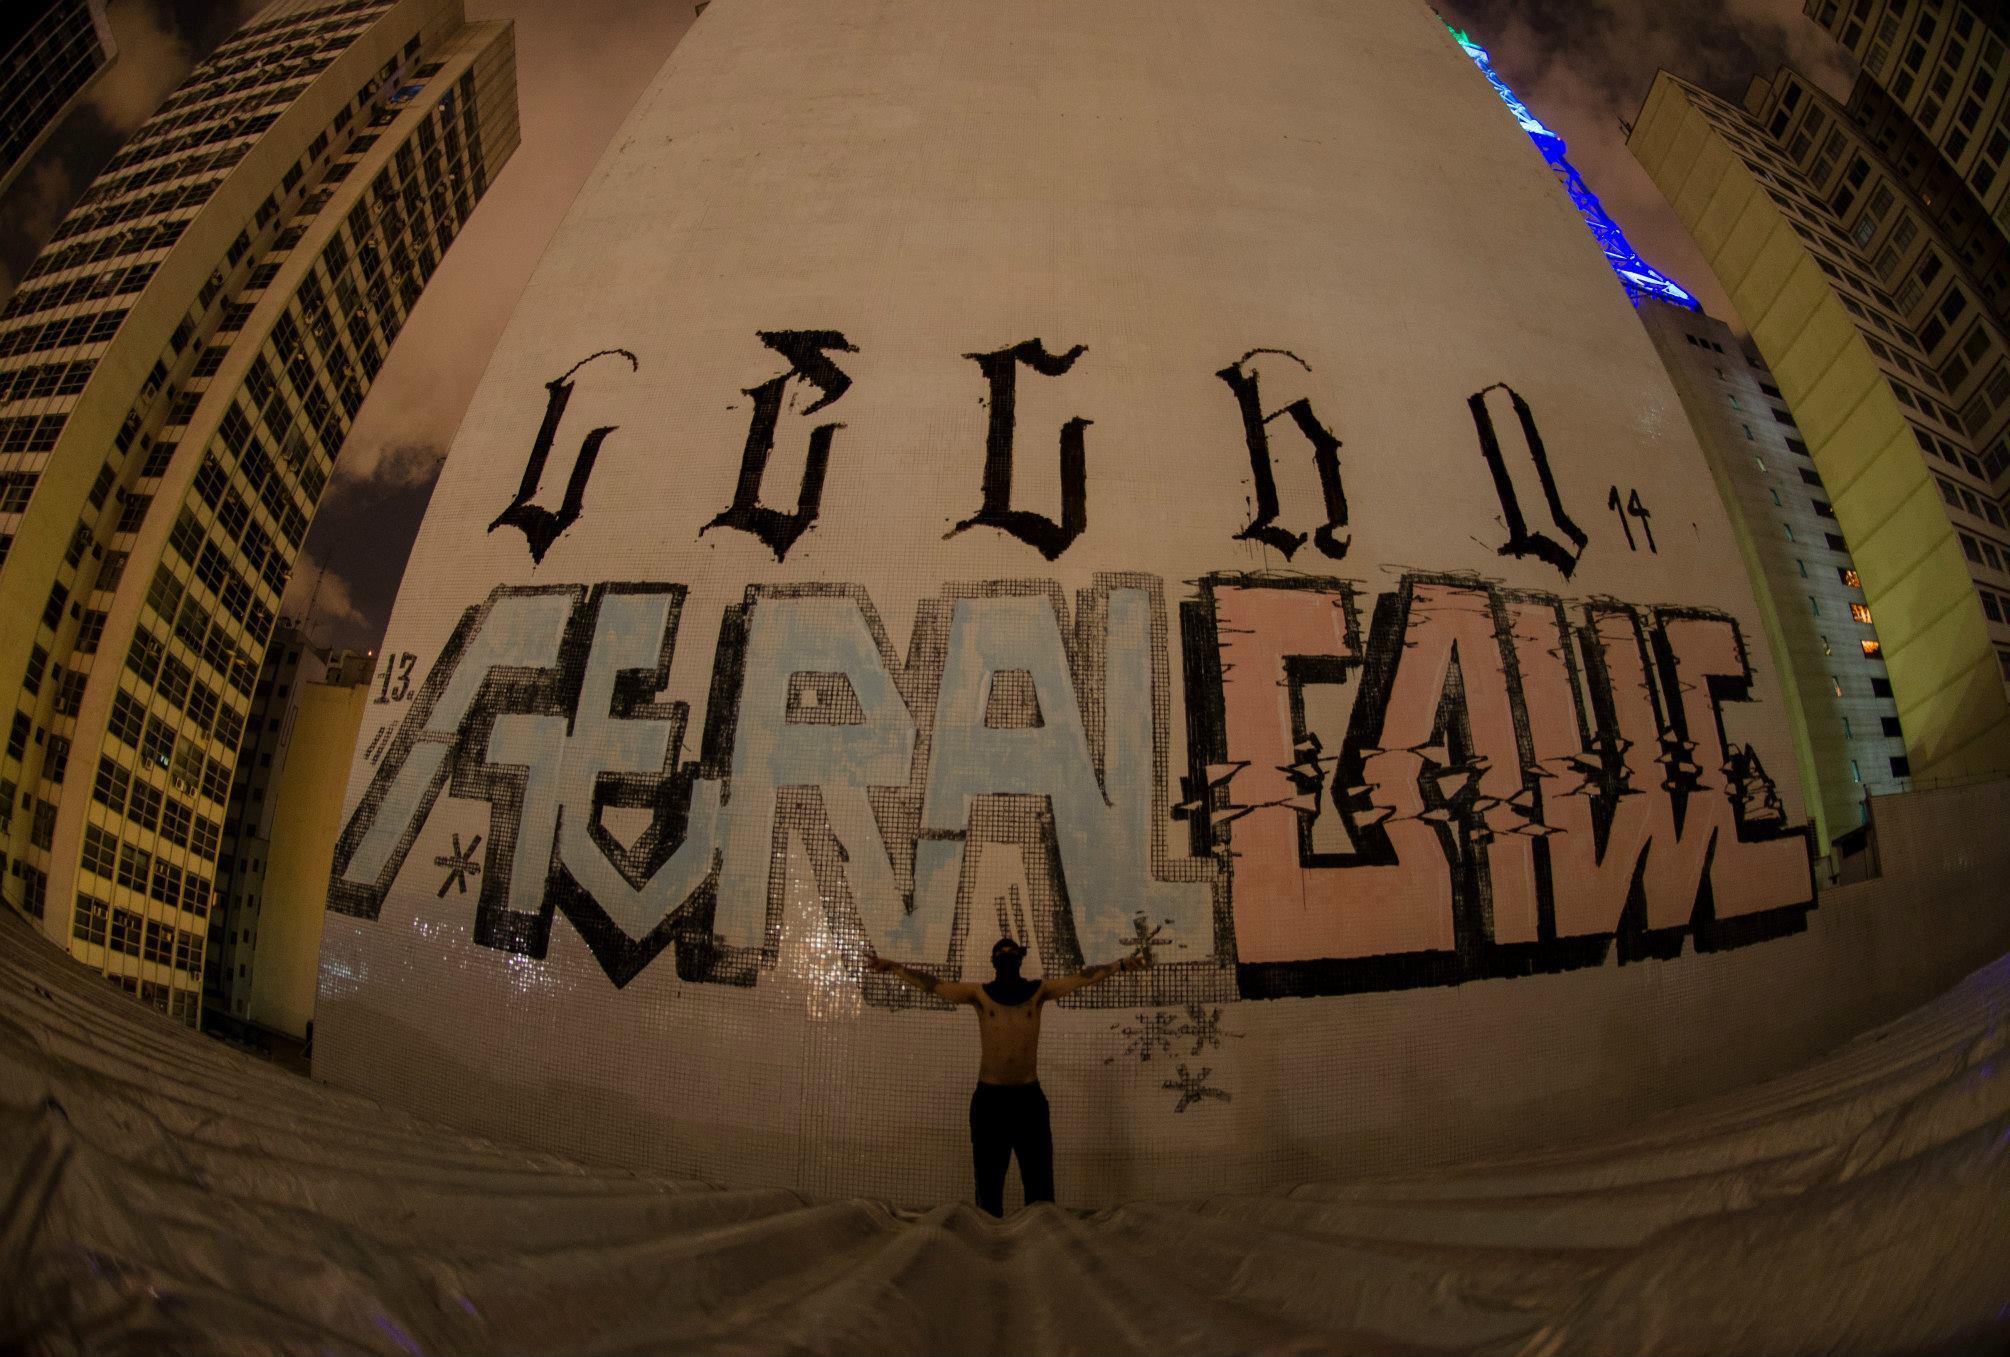 lecho-os-meia-de-lã-tws-graffiti-bomb-pichação-interlagos-13